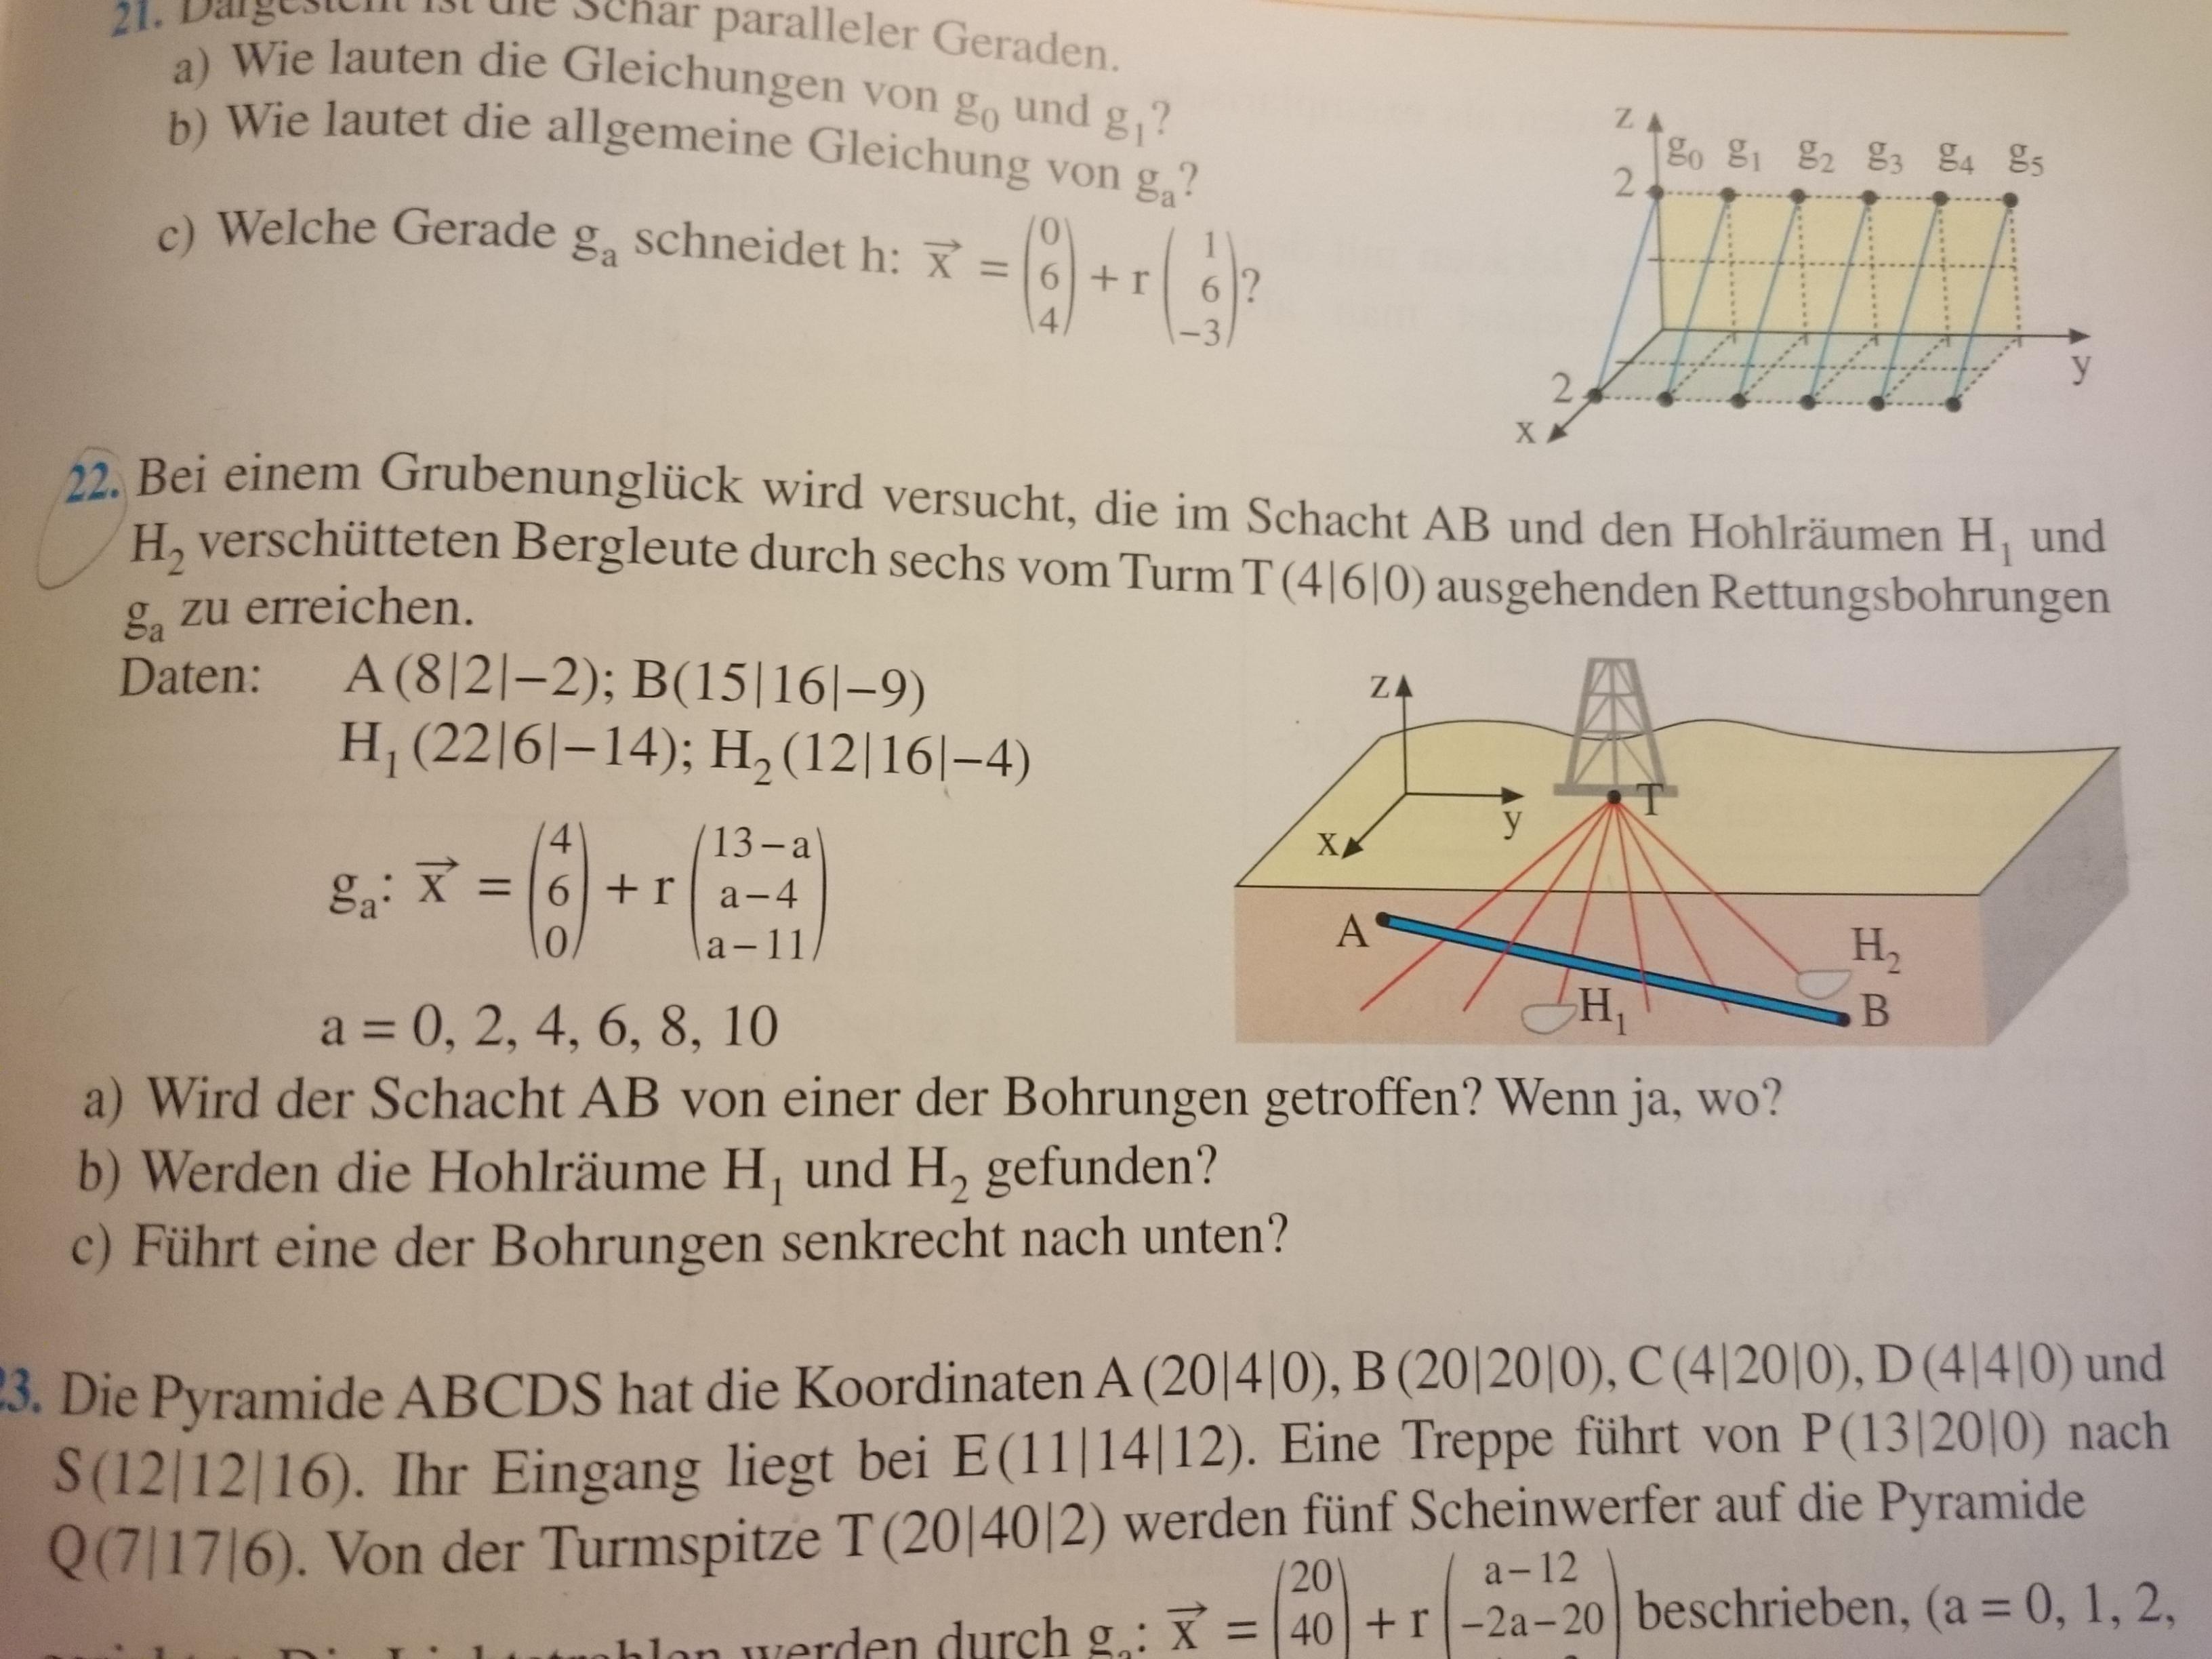 Kann mir bitte jemand beim Lösen der Aufgabe helfen?Mathe klasse 11 ...